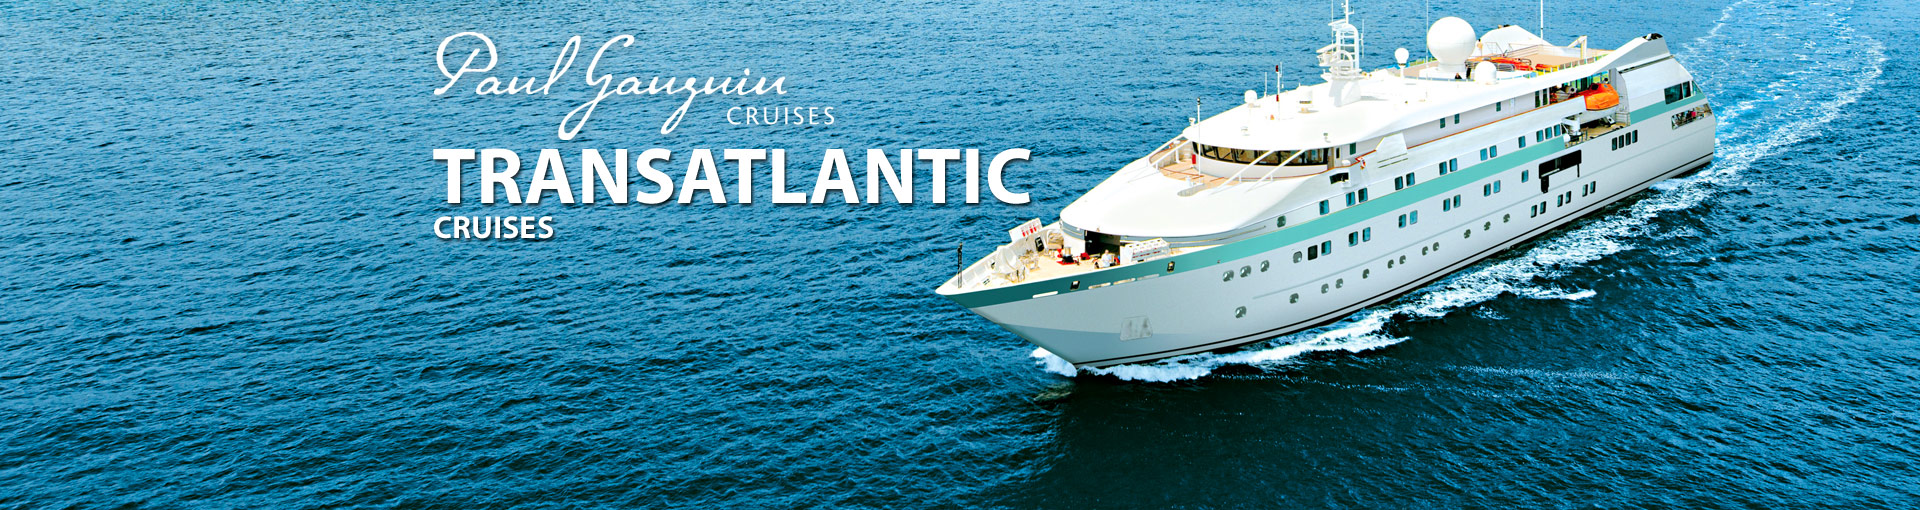 Paul Gauguin Cruises Transatlantic Cruises